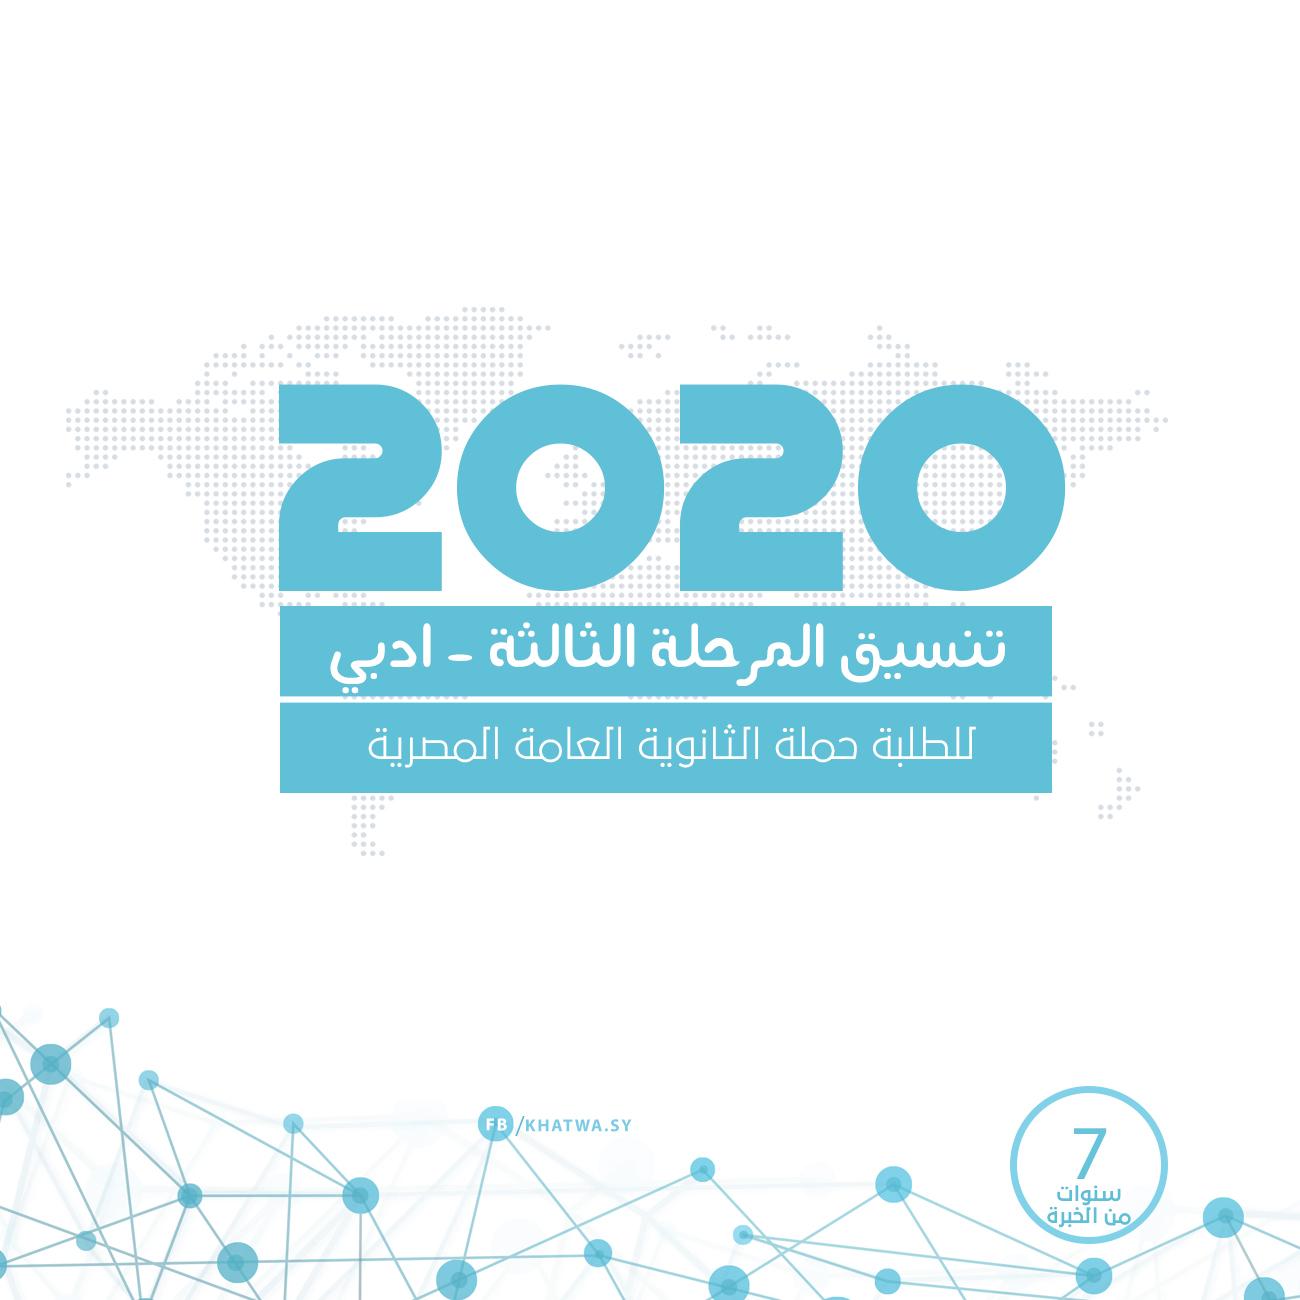 تنسيق المرحلة الثالثة للثانوية العامة المصرية (أدبي) مع النسبة المئوية -2020-